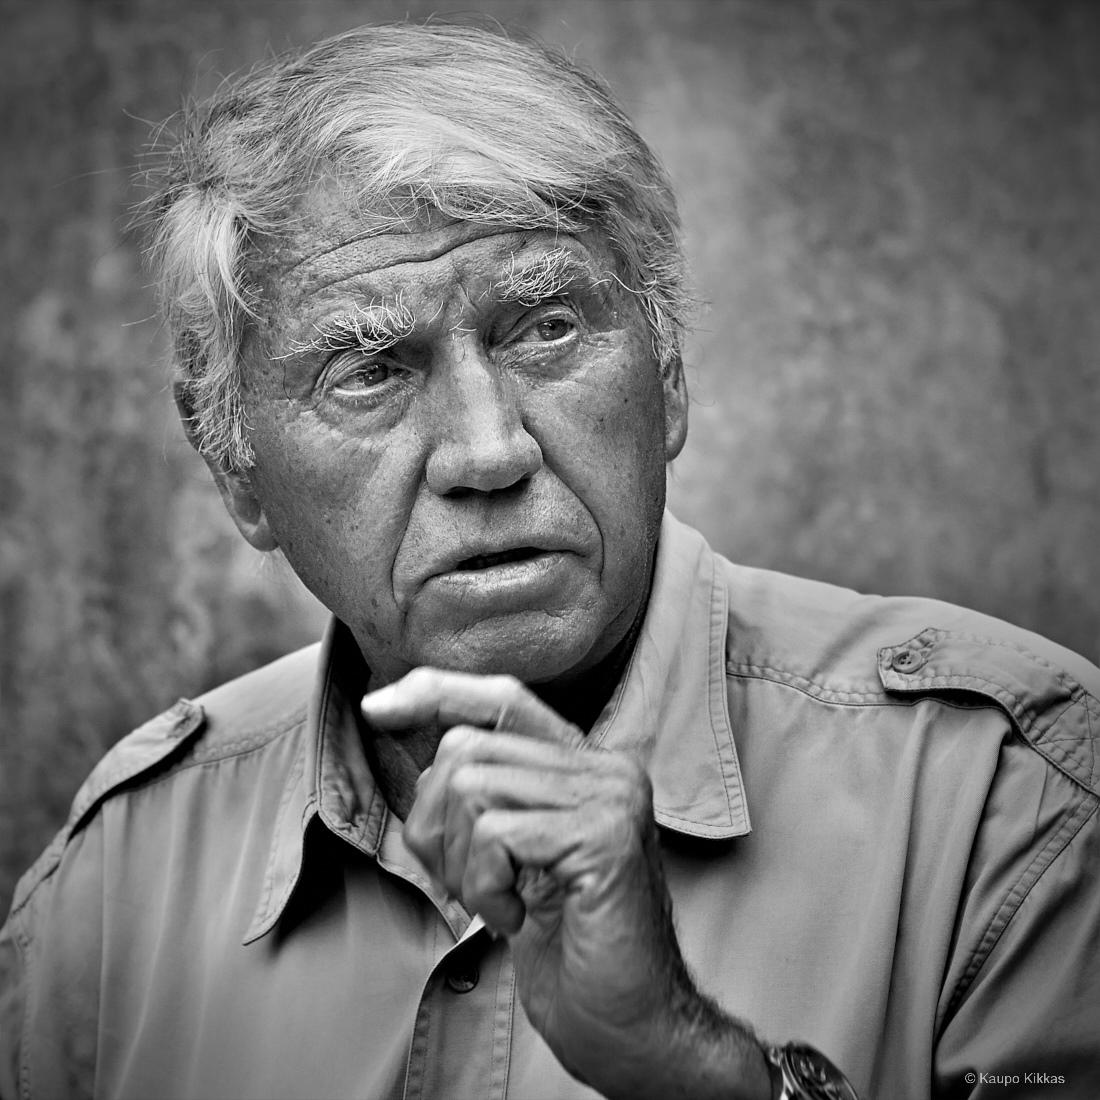 Photographer Don McCullin